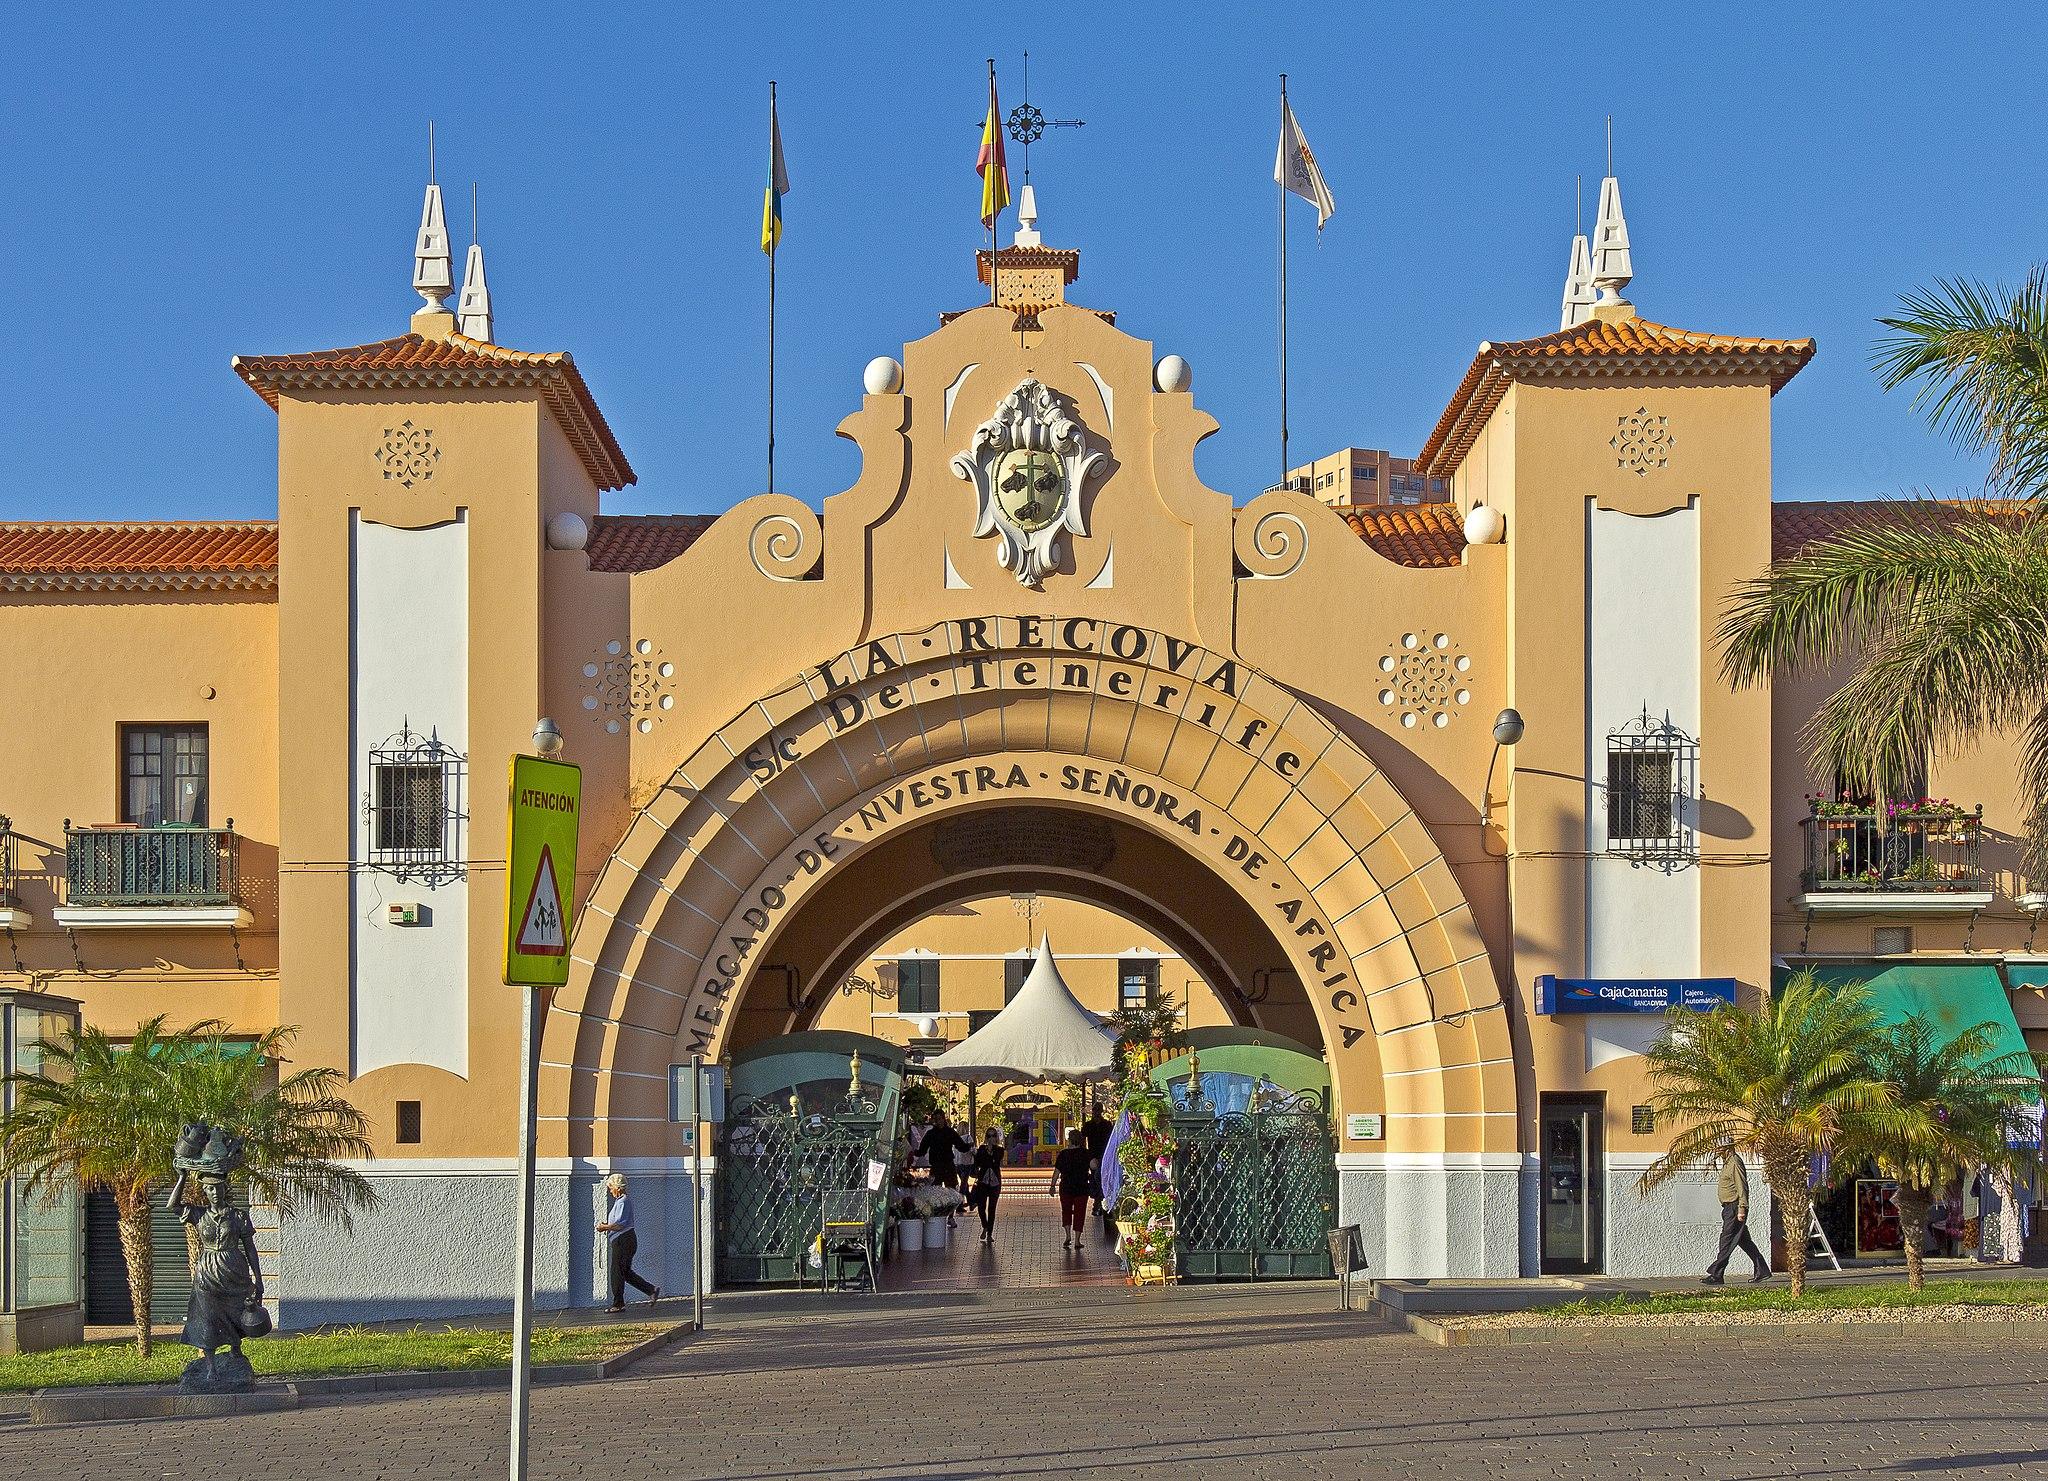 La Recova en Santa Cruz, mercado central y espacio emblemático para degusta santa cruz